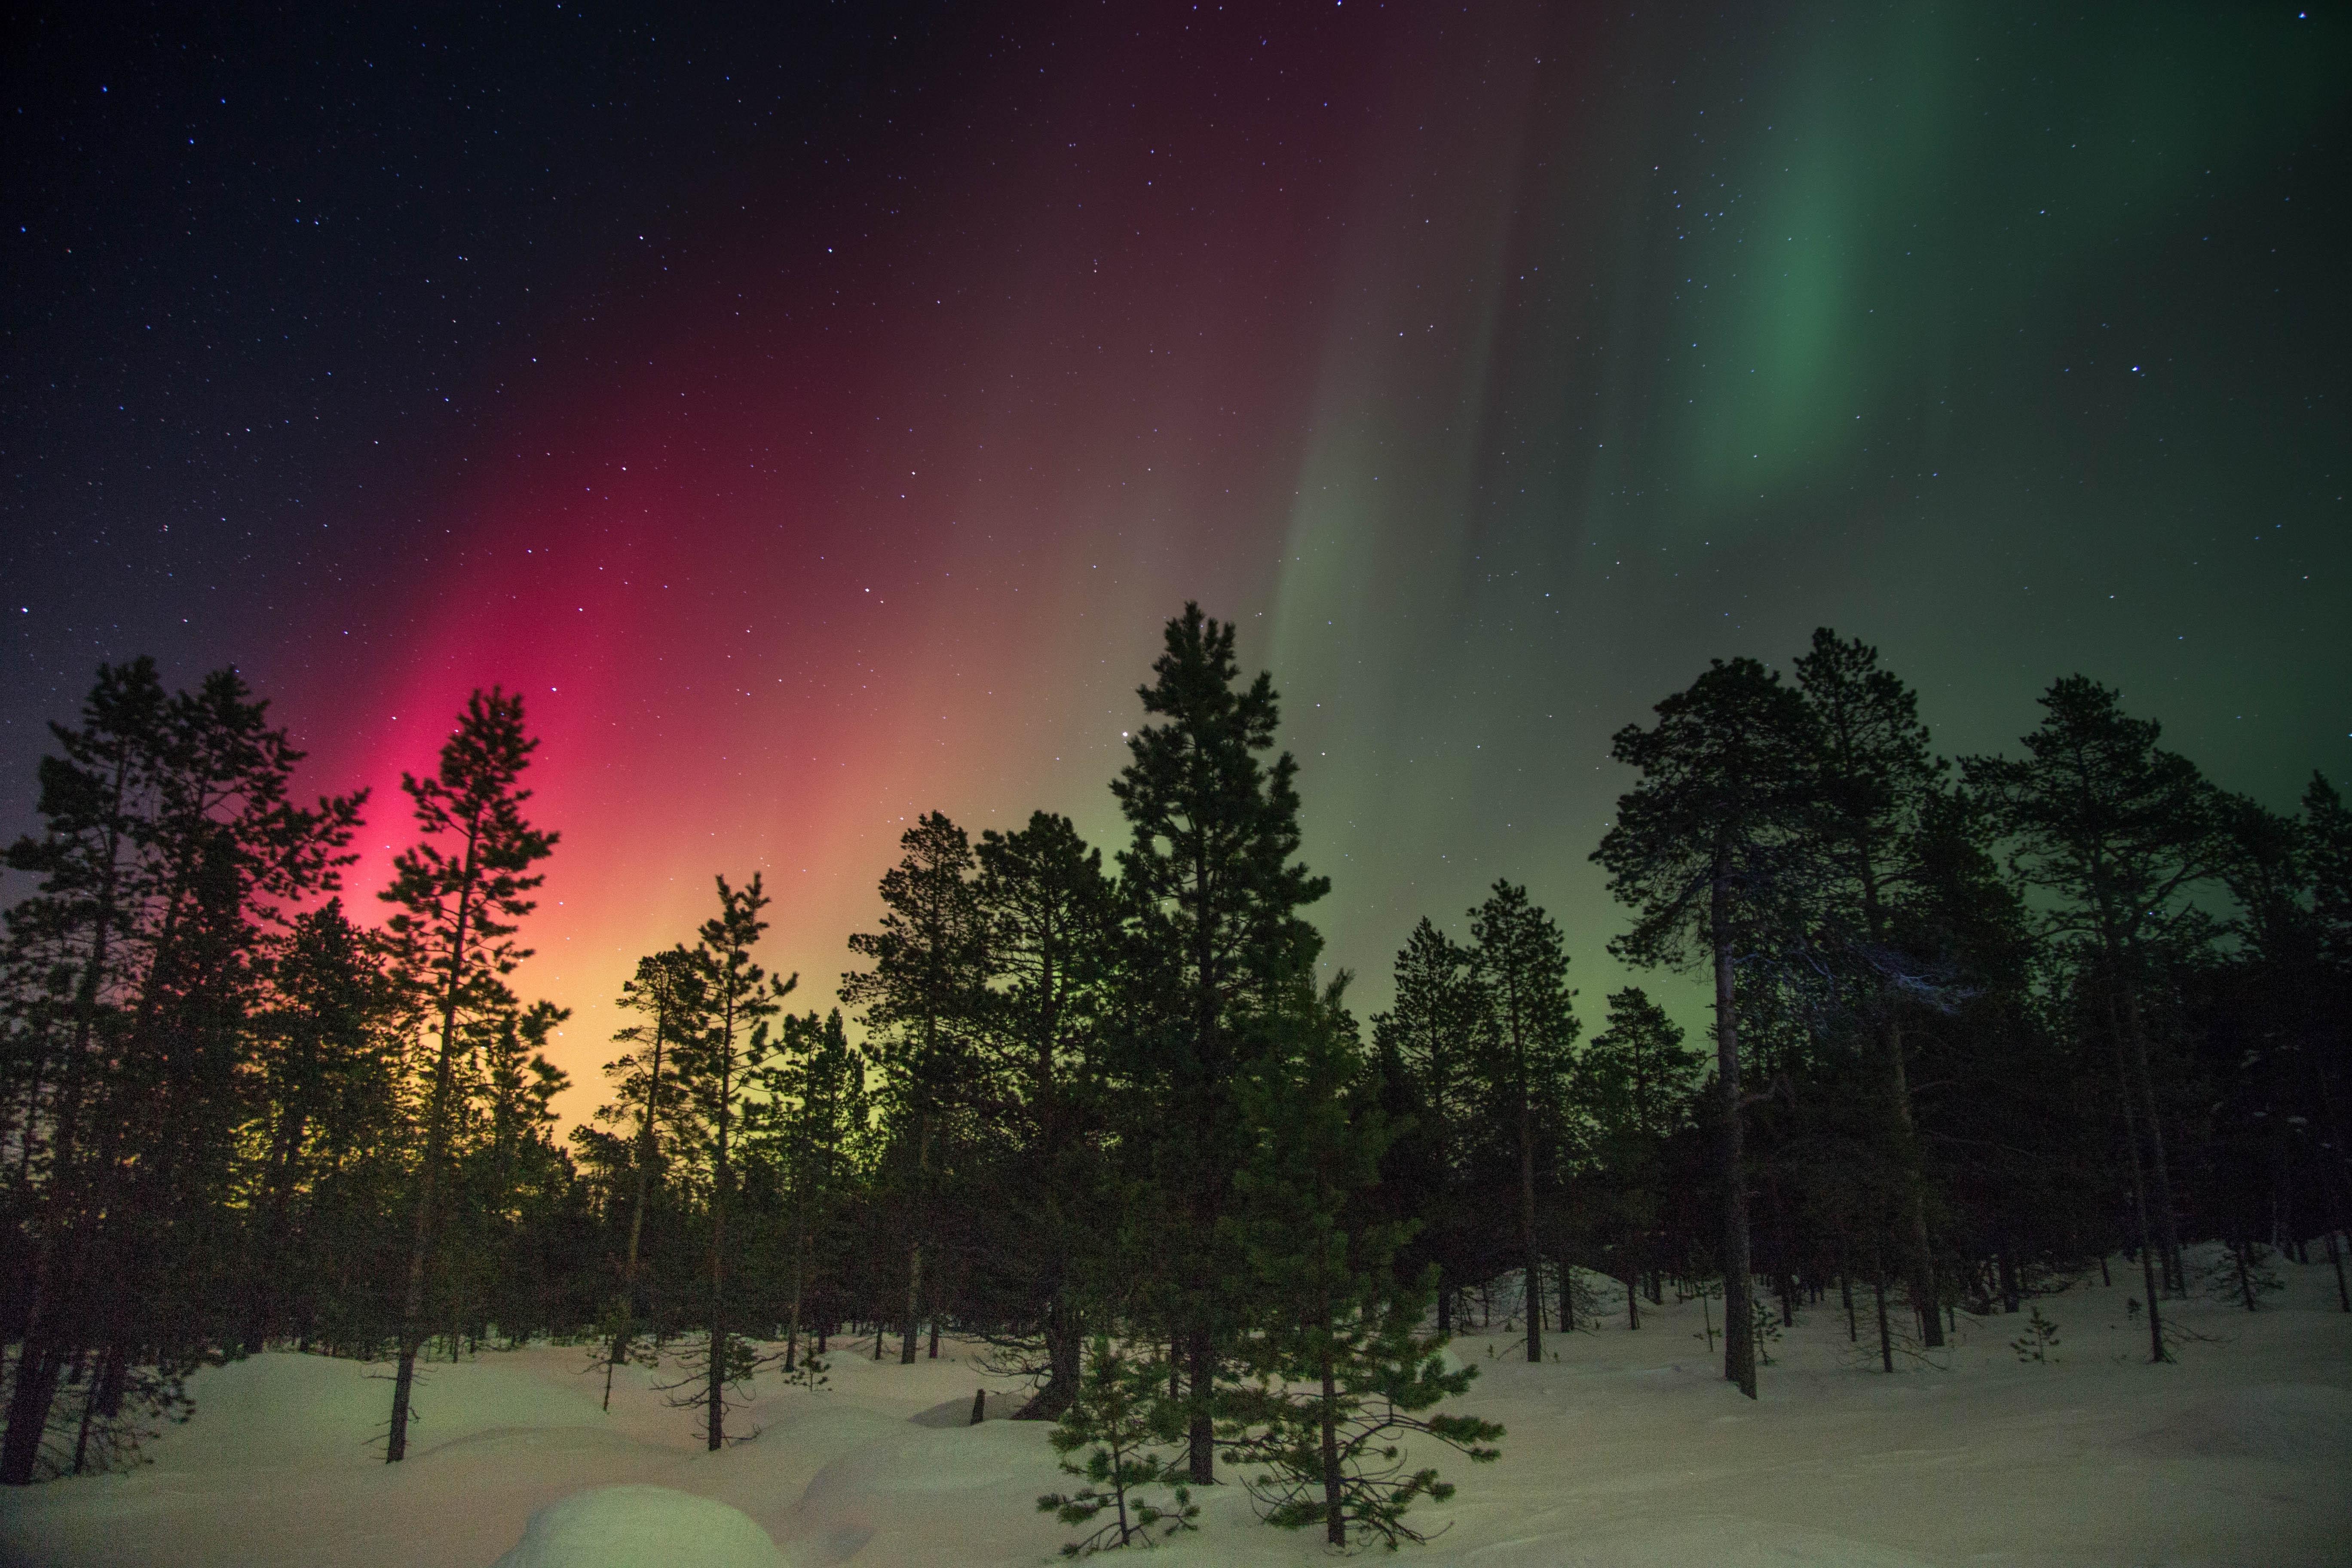 природа северное сияние деревья зима снег дорога nature North lights trees winter snow road бесплатно